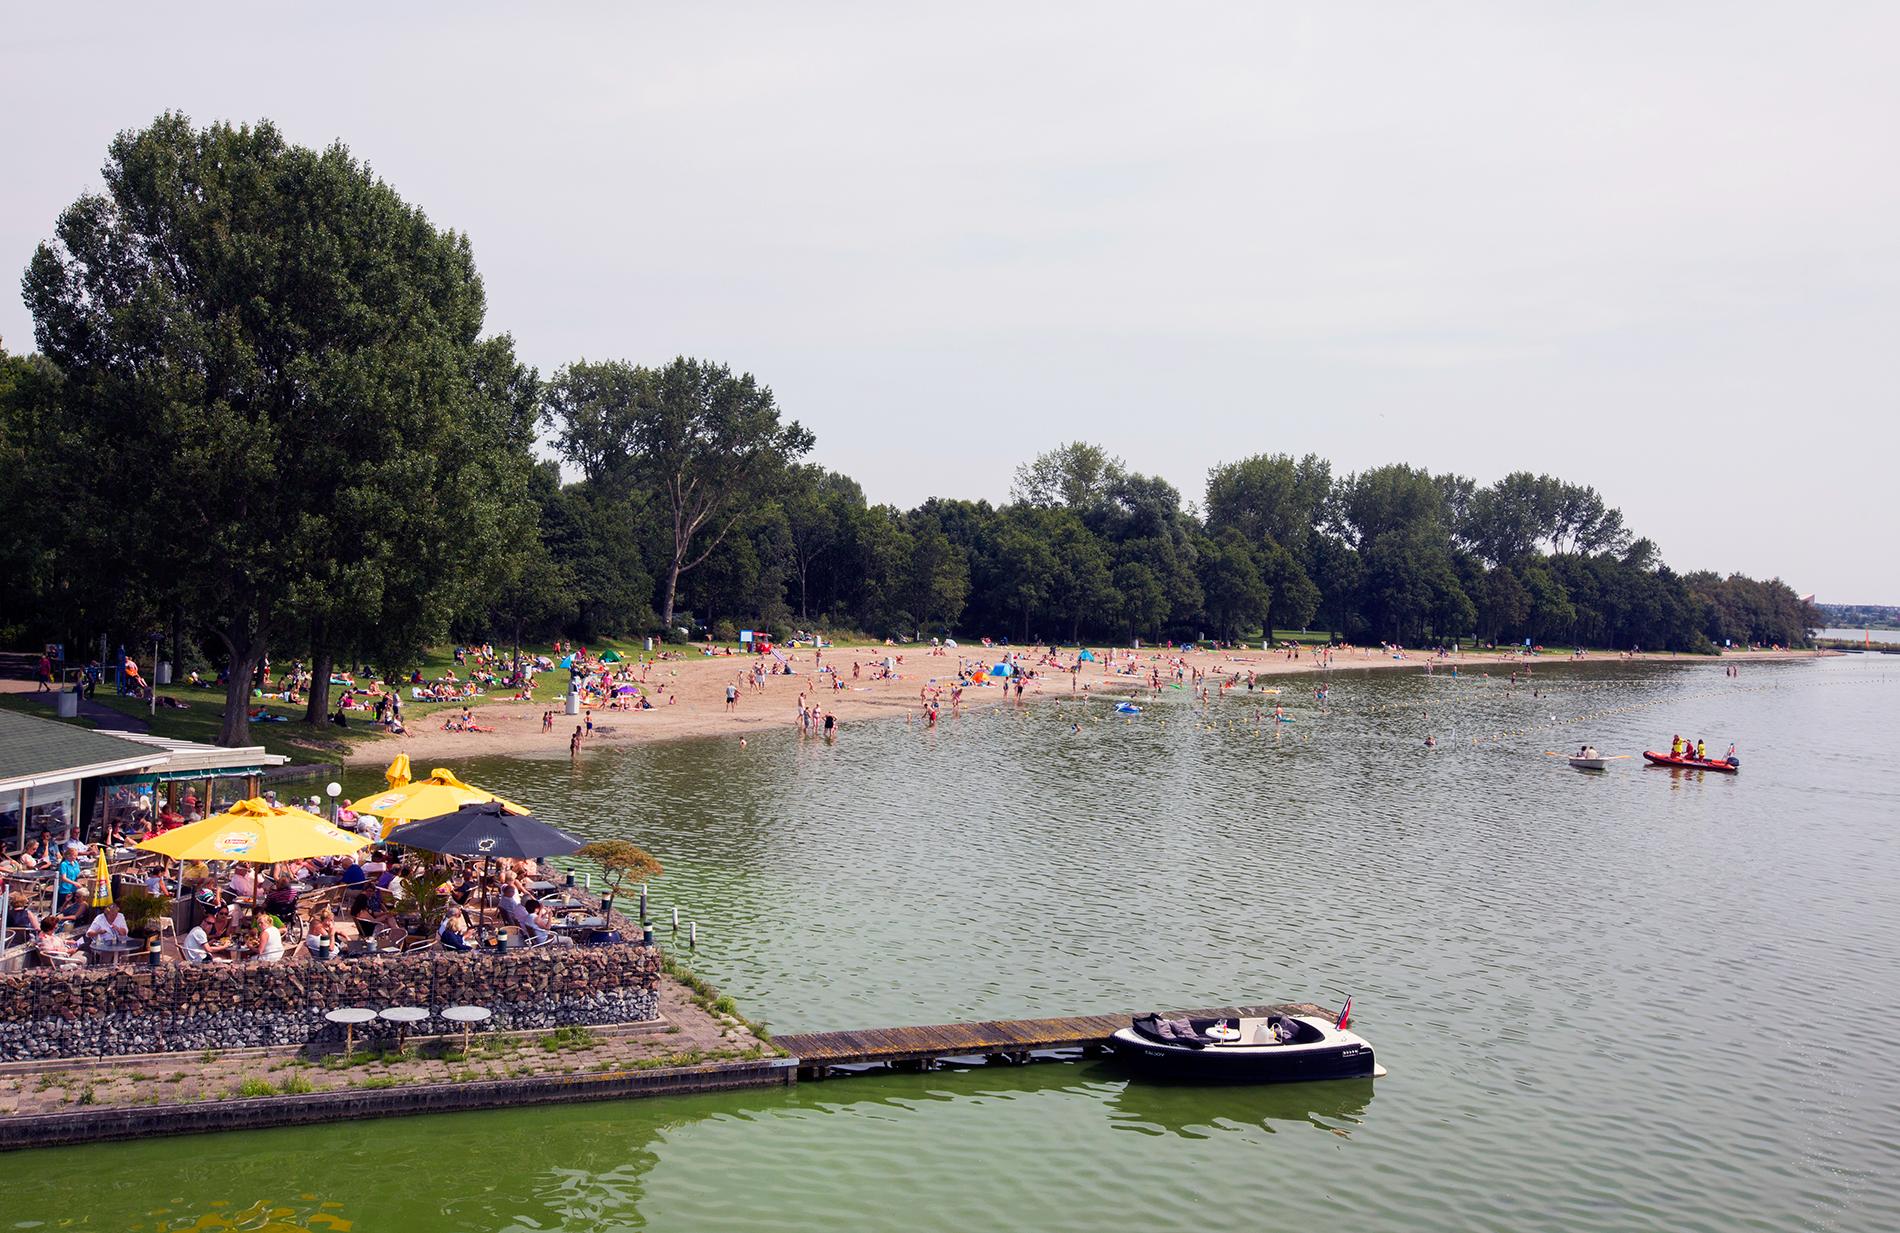 Strandje met badgasten bij Zoetermeer